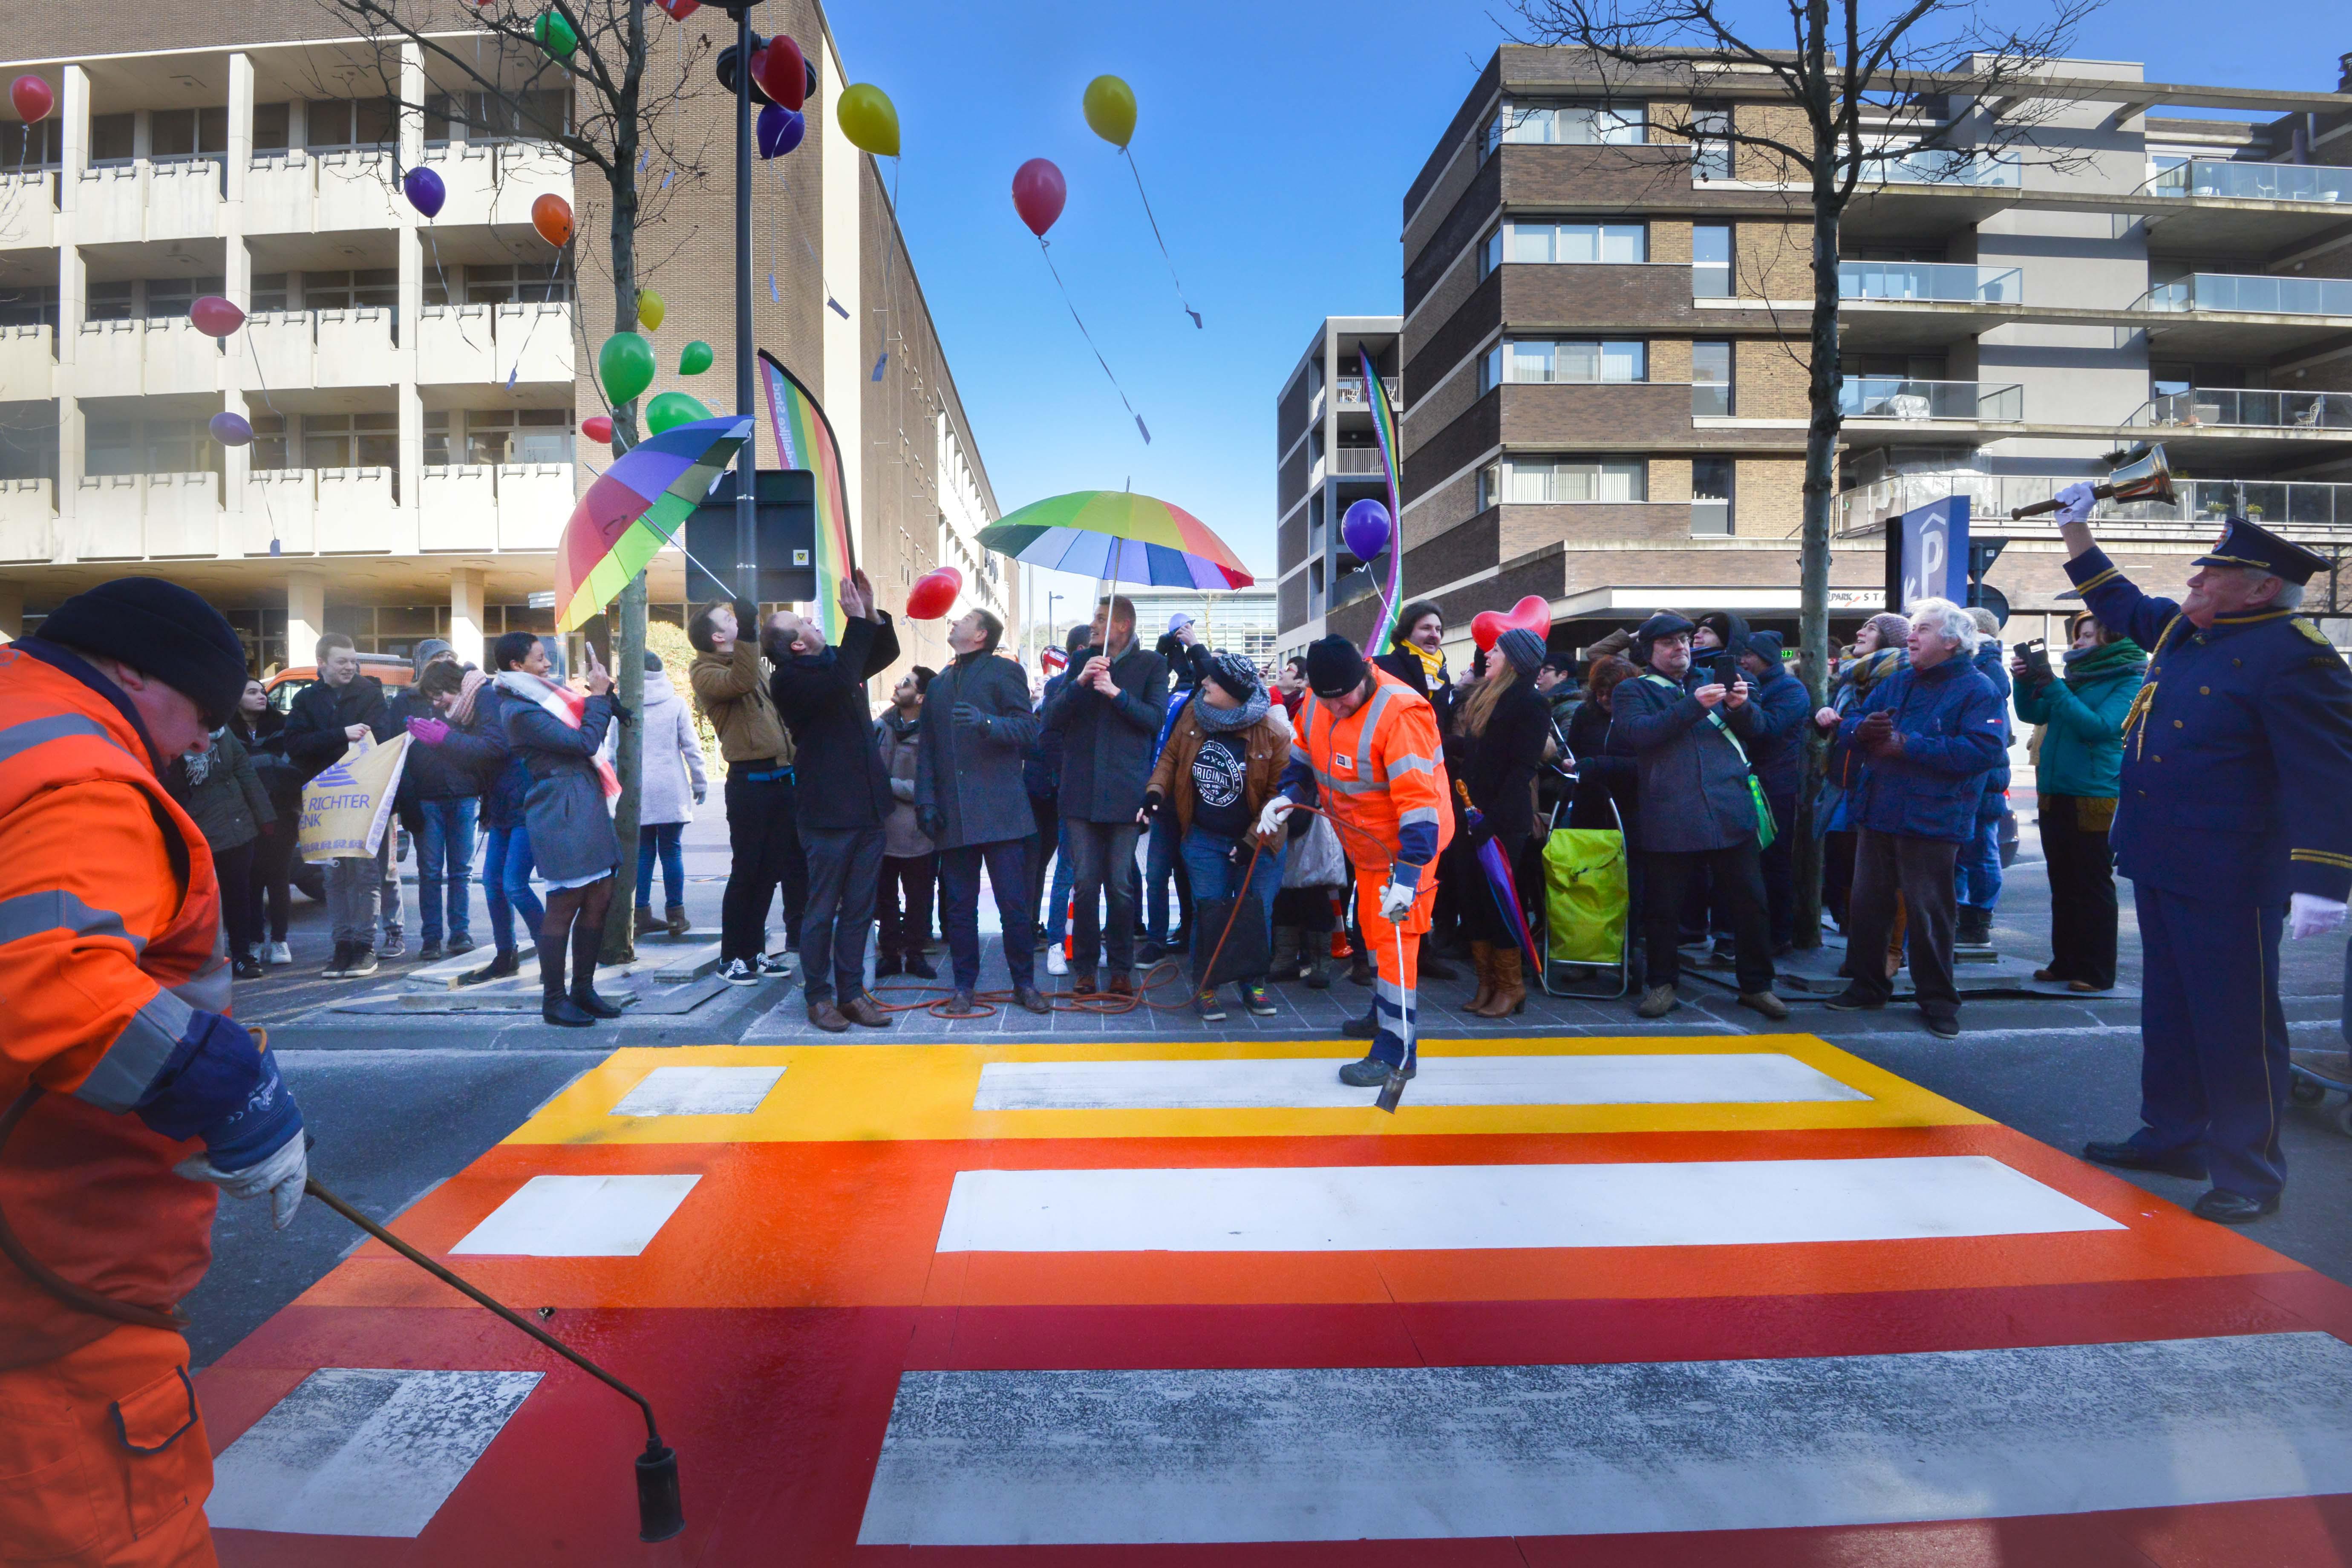 """Regenboogzebrapad verdeelt gemeenteraadsleden: """"Die problematiek van holebi's speelt hier niet"""""""